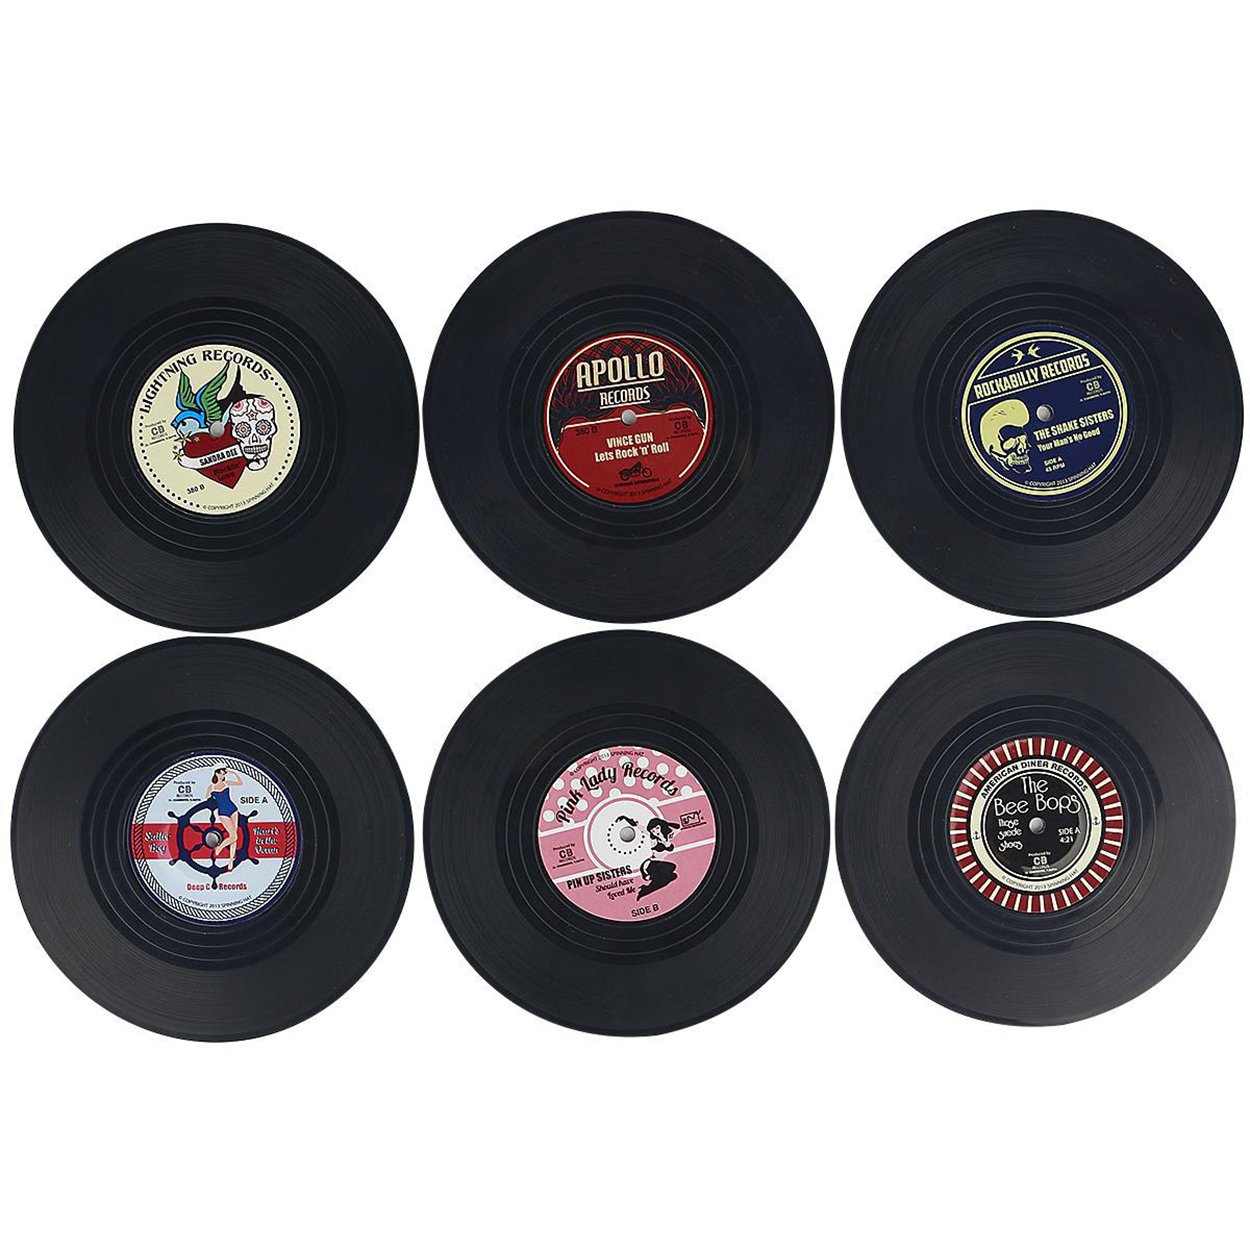 レトロビニールレコードコースターノベルティカップマットfor Drinksクラシック音楽スタイル4 – 6美しいボックスセット ブラック CORDSER65-03  6 PCS Retro Record B07FTHLTWB